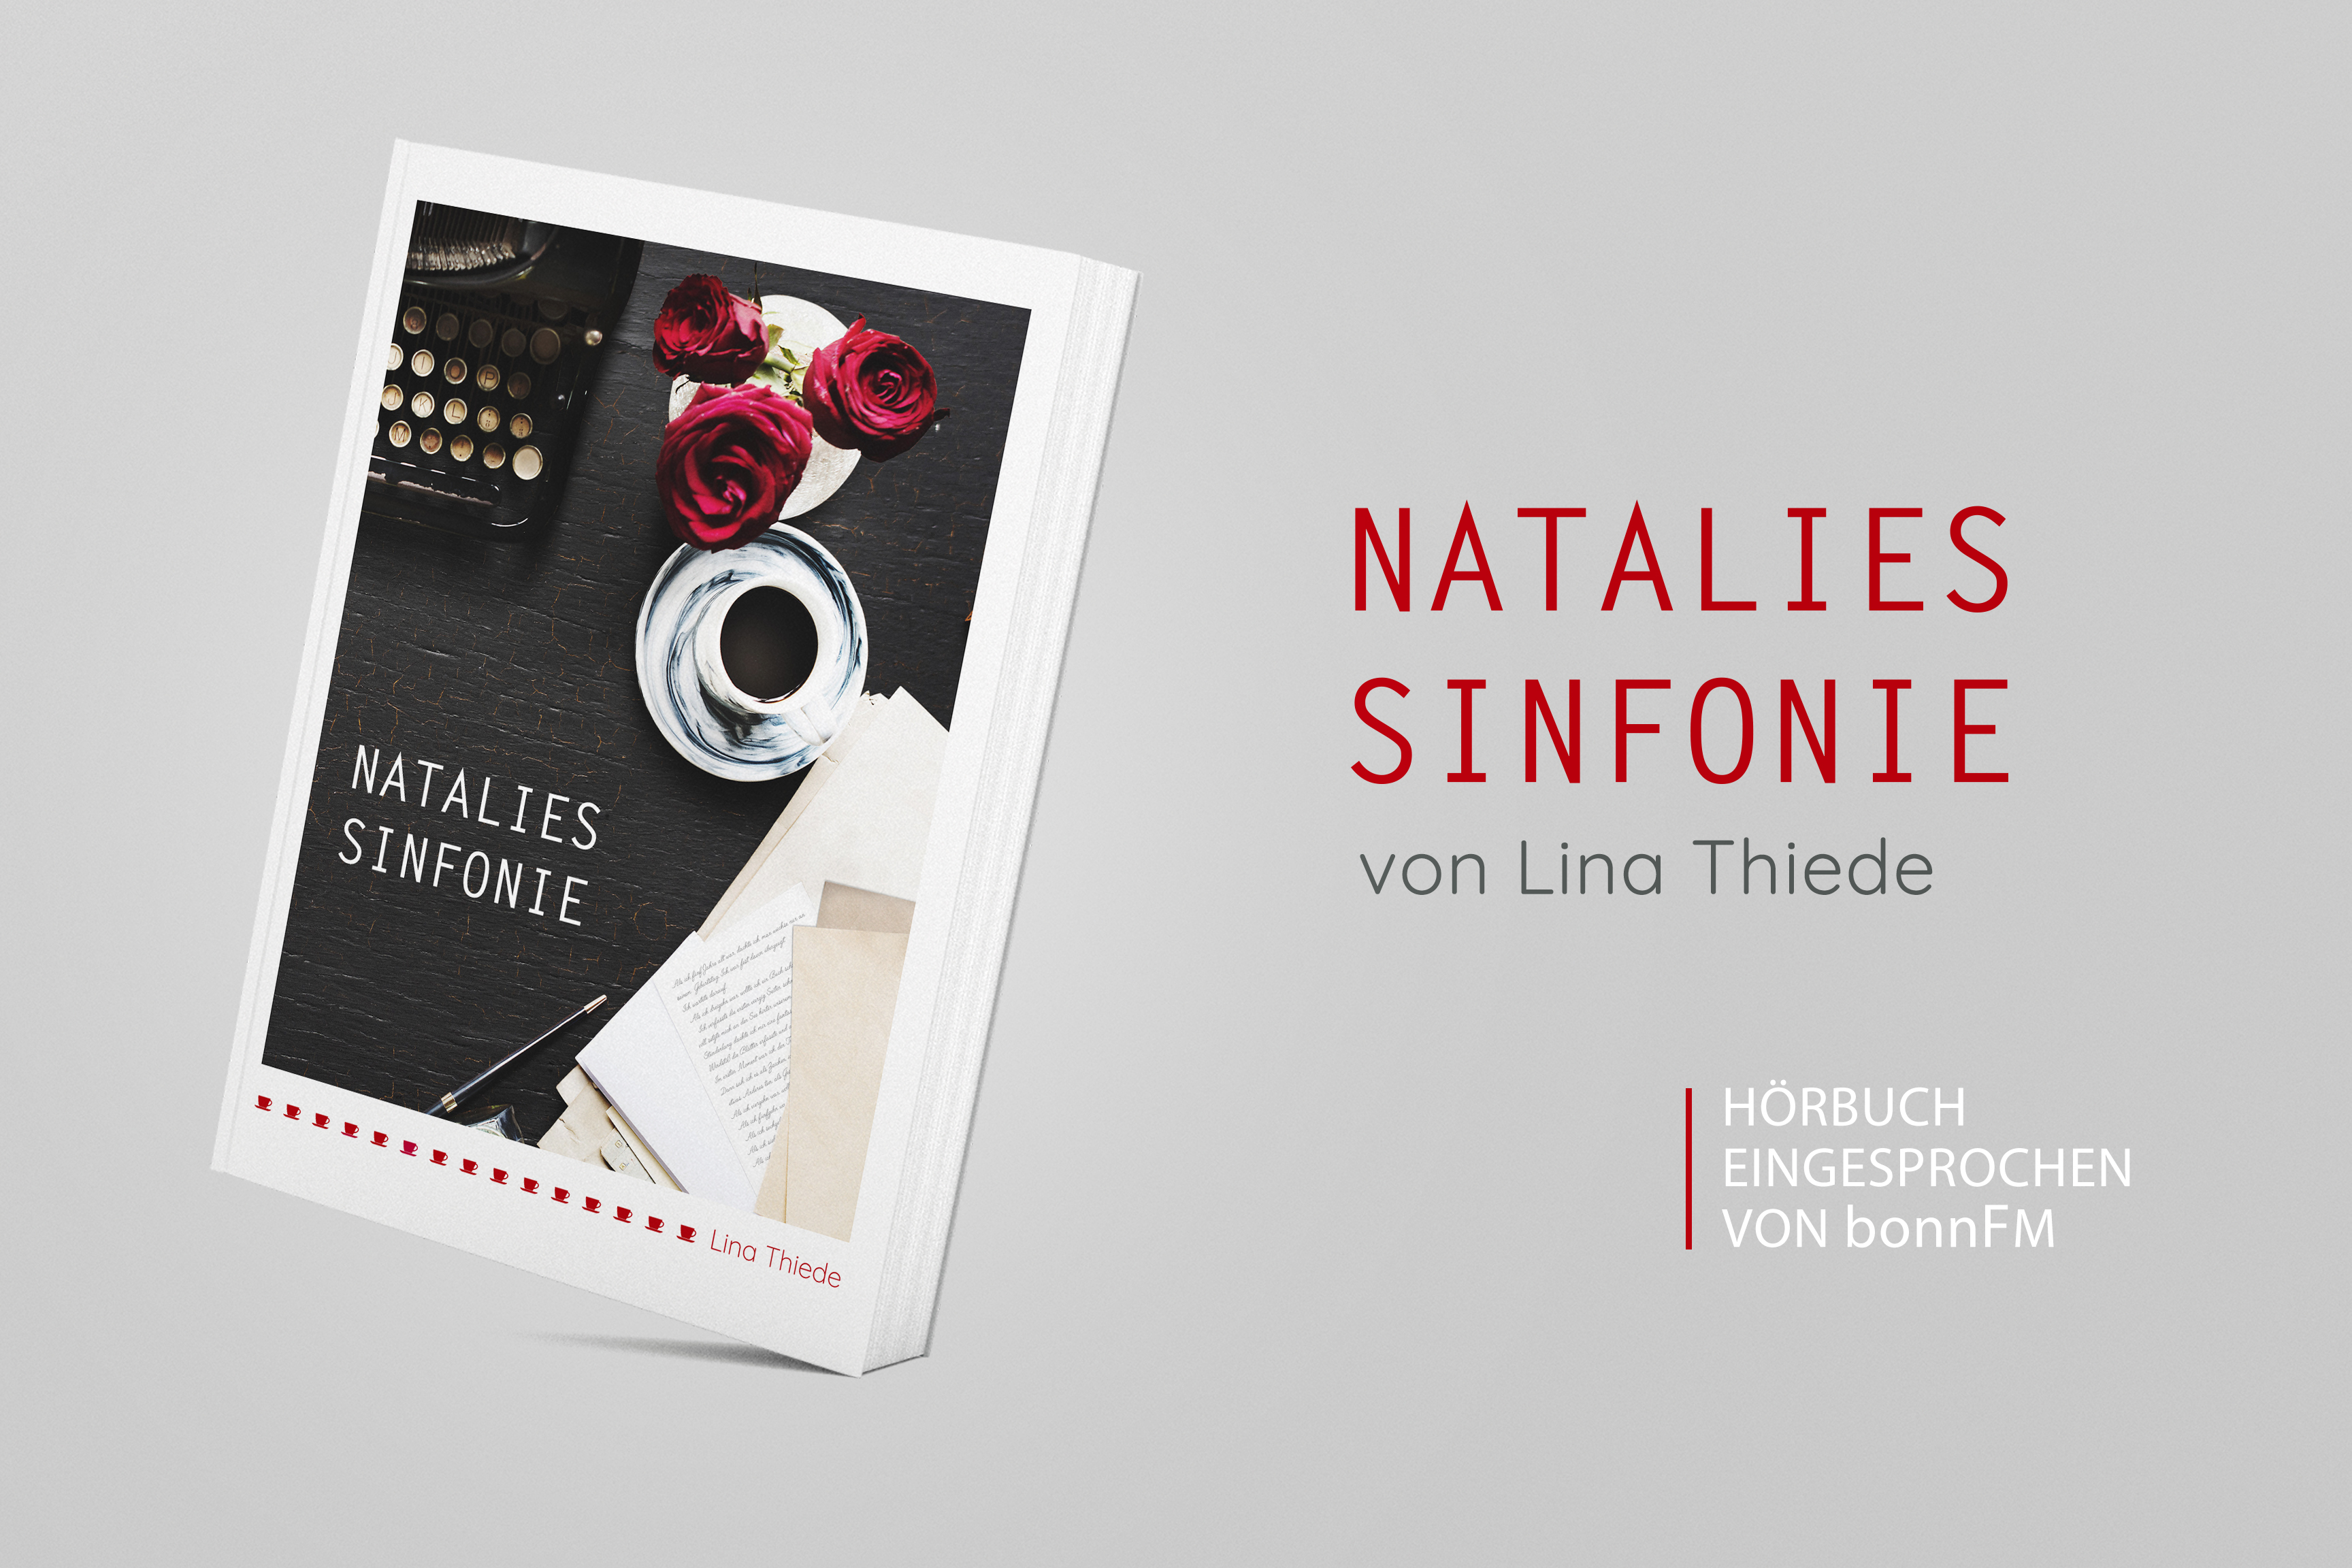 Natalies Sinfonie von Lina Thiede – Kapitel 5: Bilder einer Ausstellung